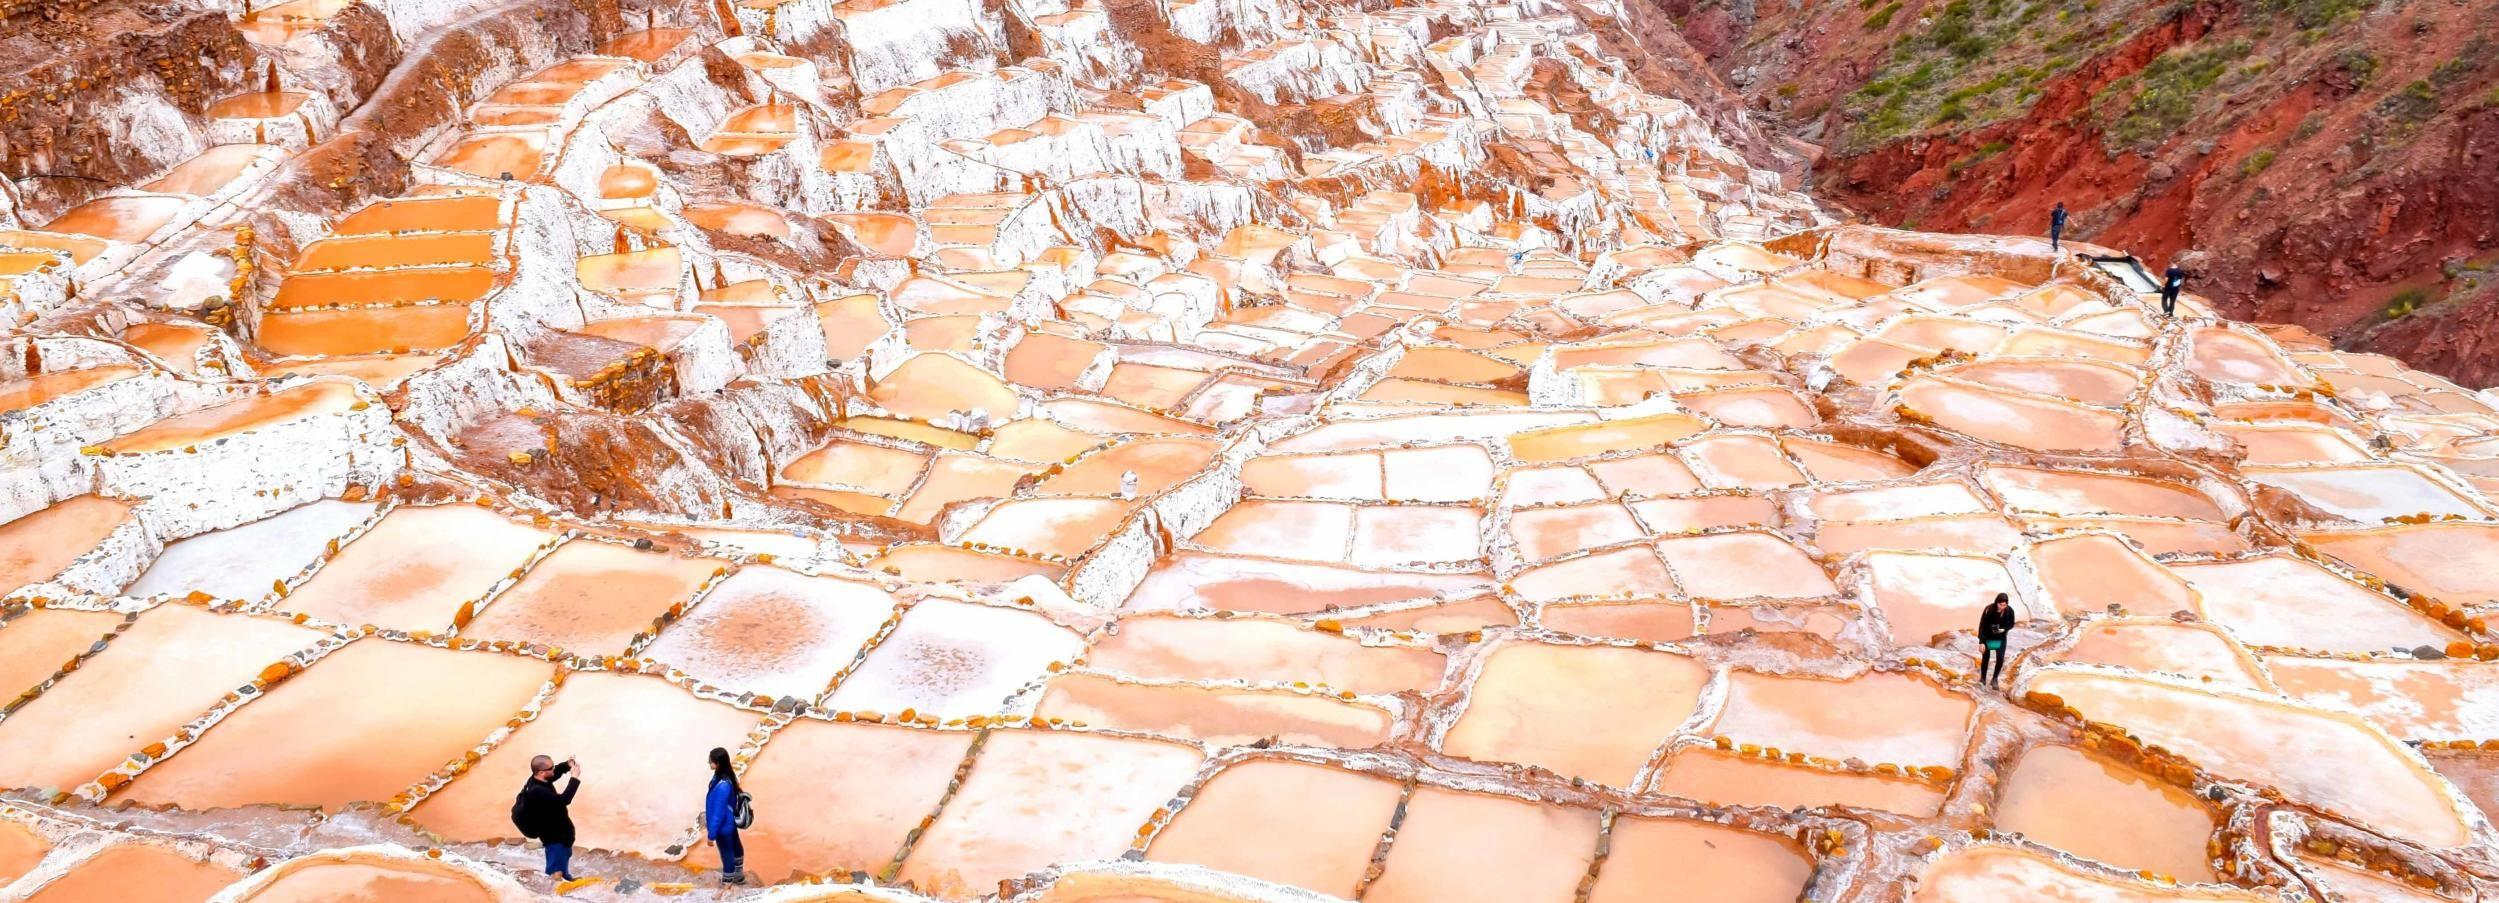 From Cusco: Private Full-Day Maras, Moray & Chinchero